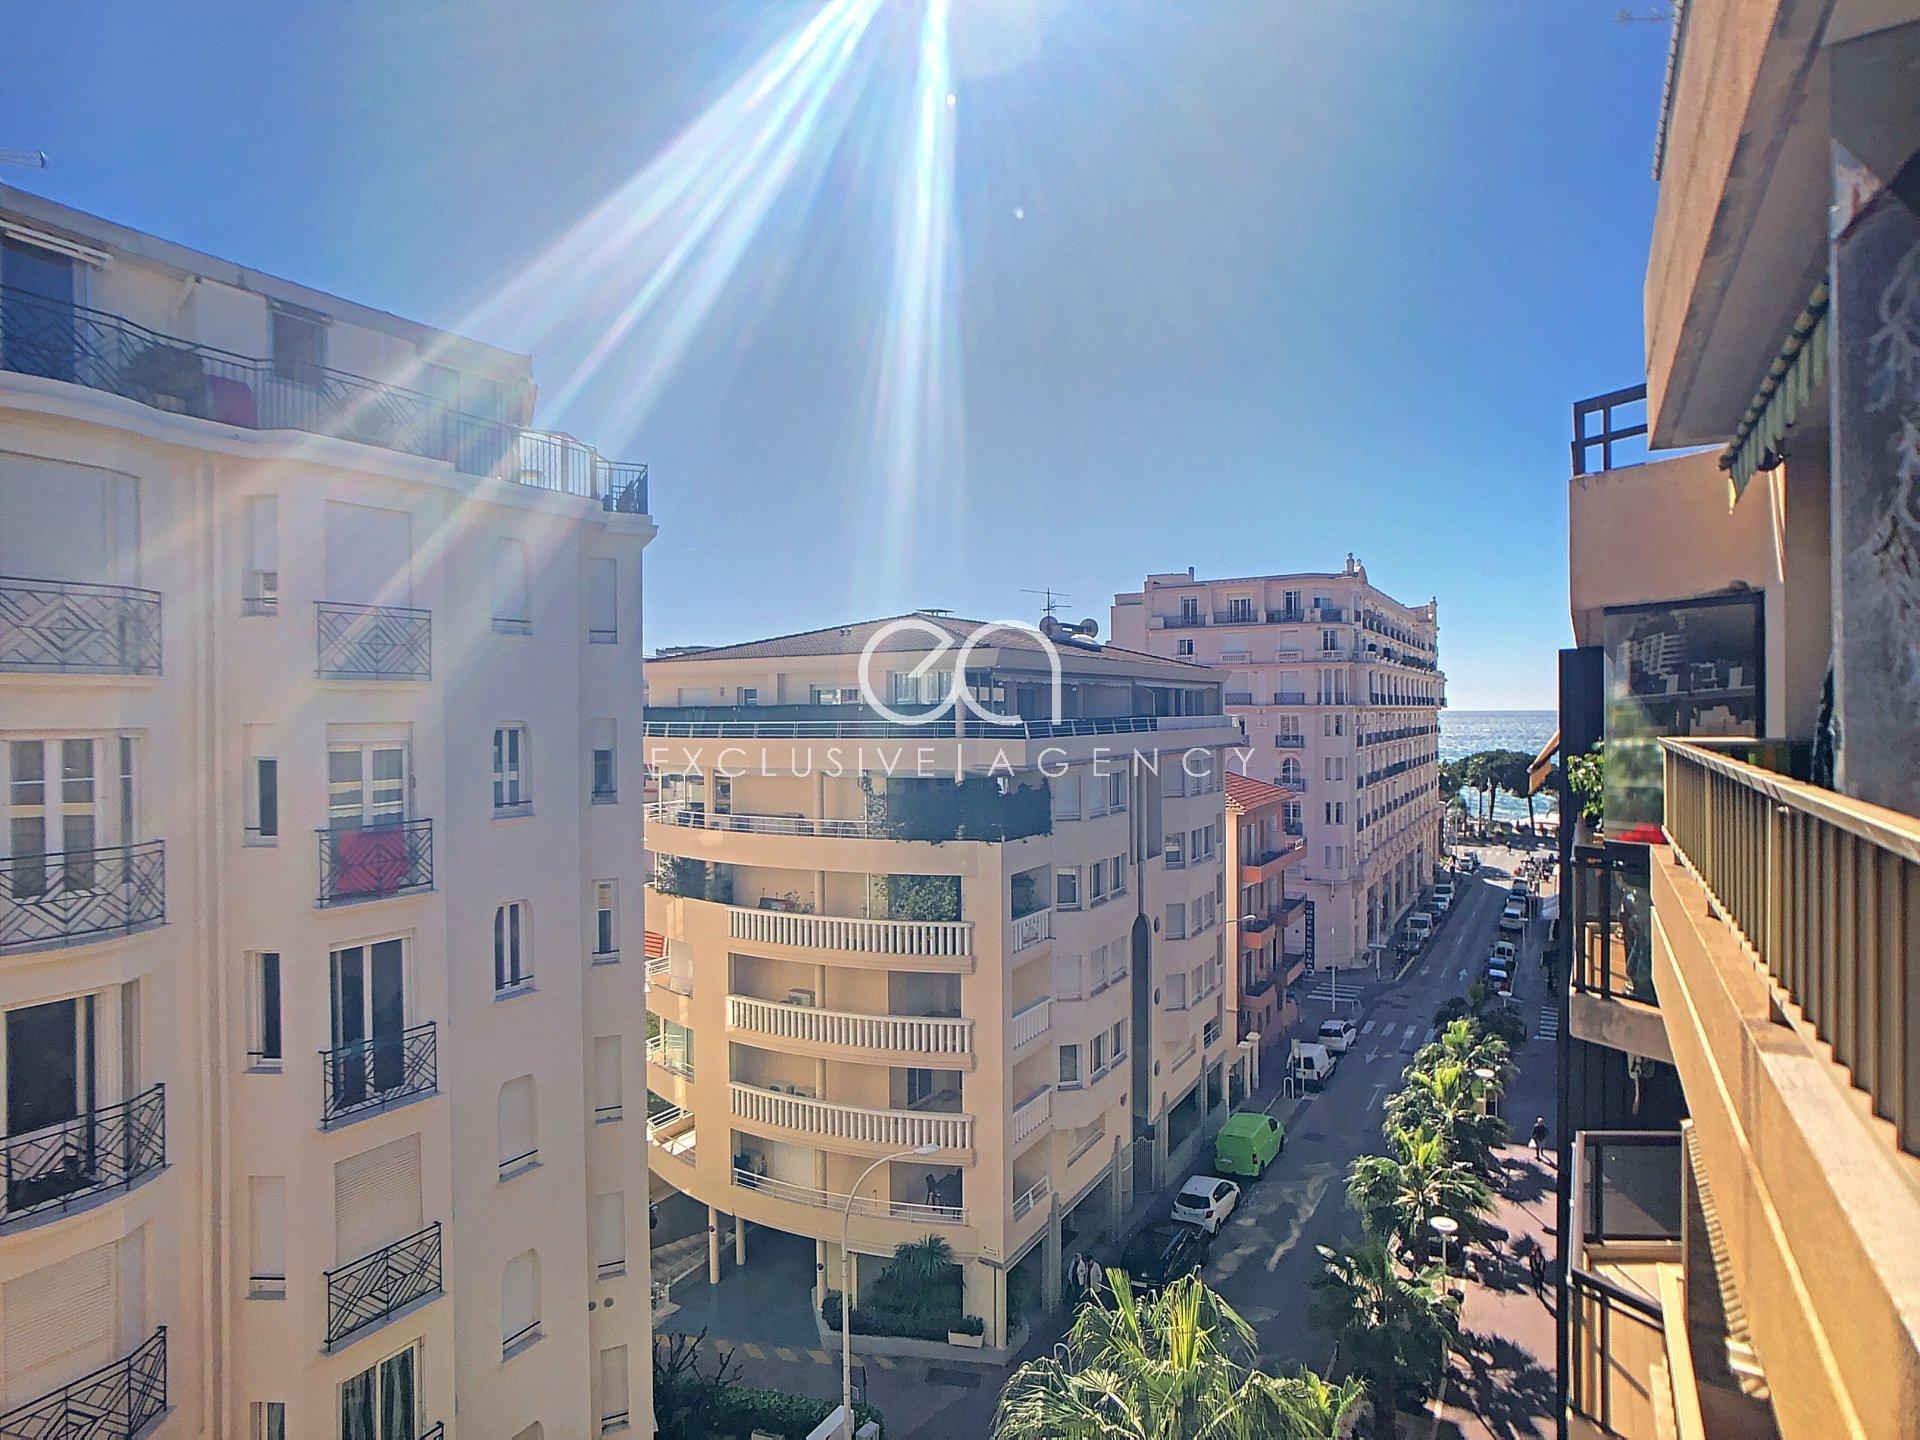 Cannes Croisette appartement 2 pièces entièrement refait à neuf de 50m2 terrasse aperçu latéral mer